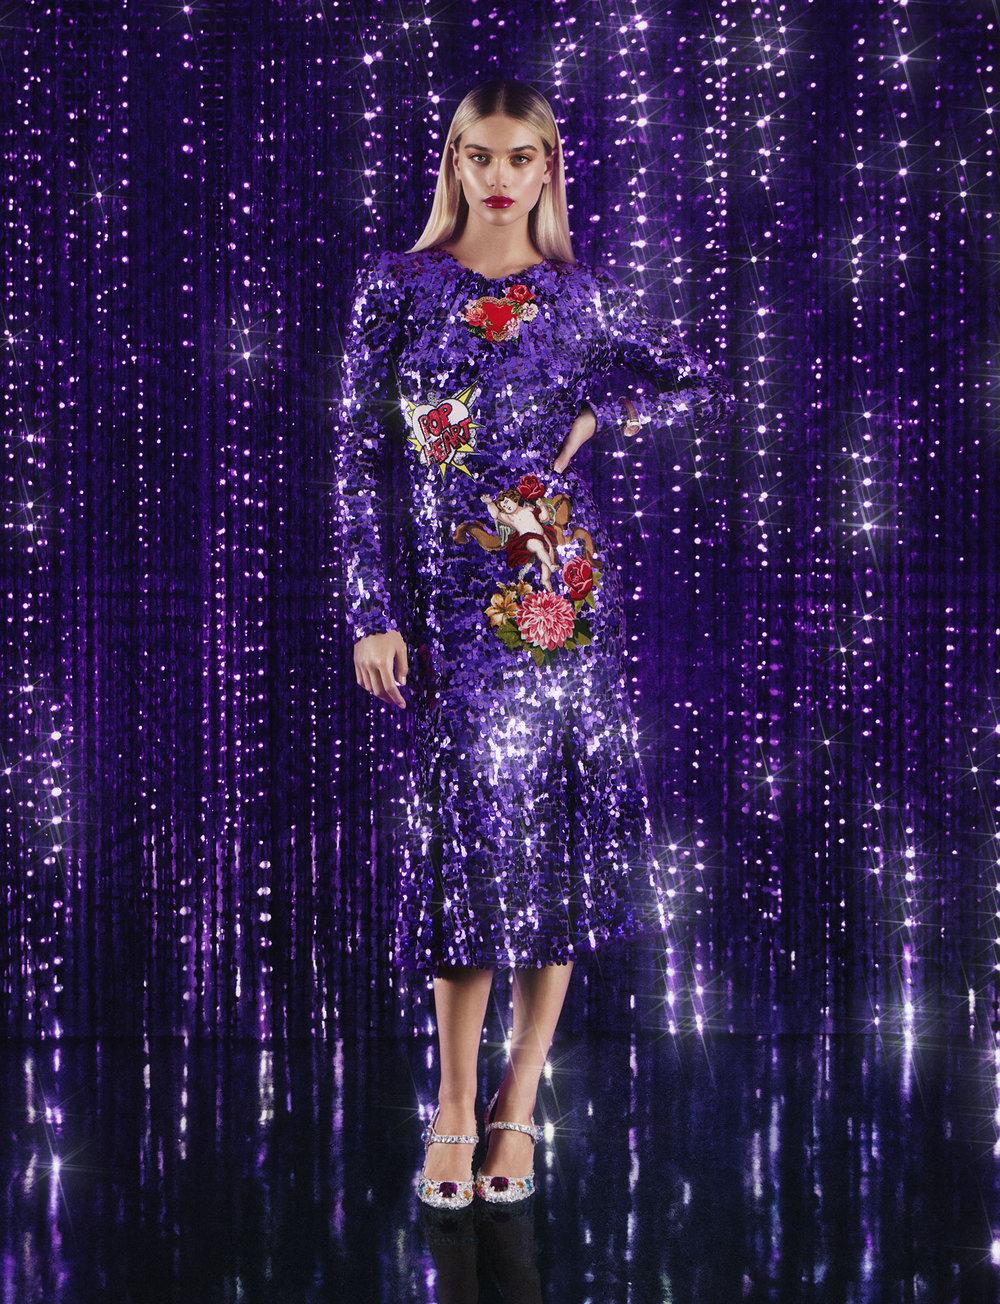 Luxure_DG_Sep18_Purple_FullLength.jpg